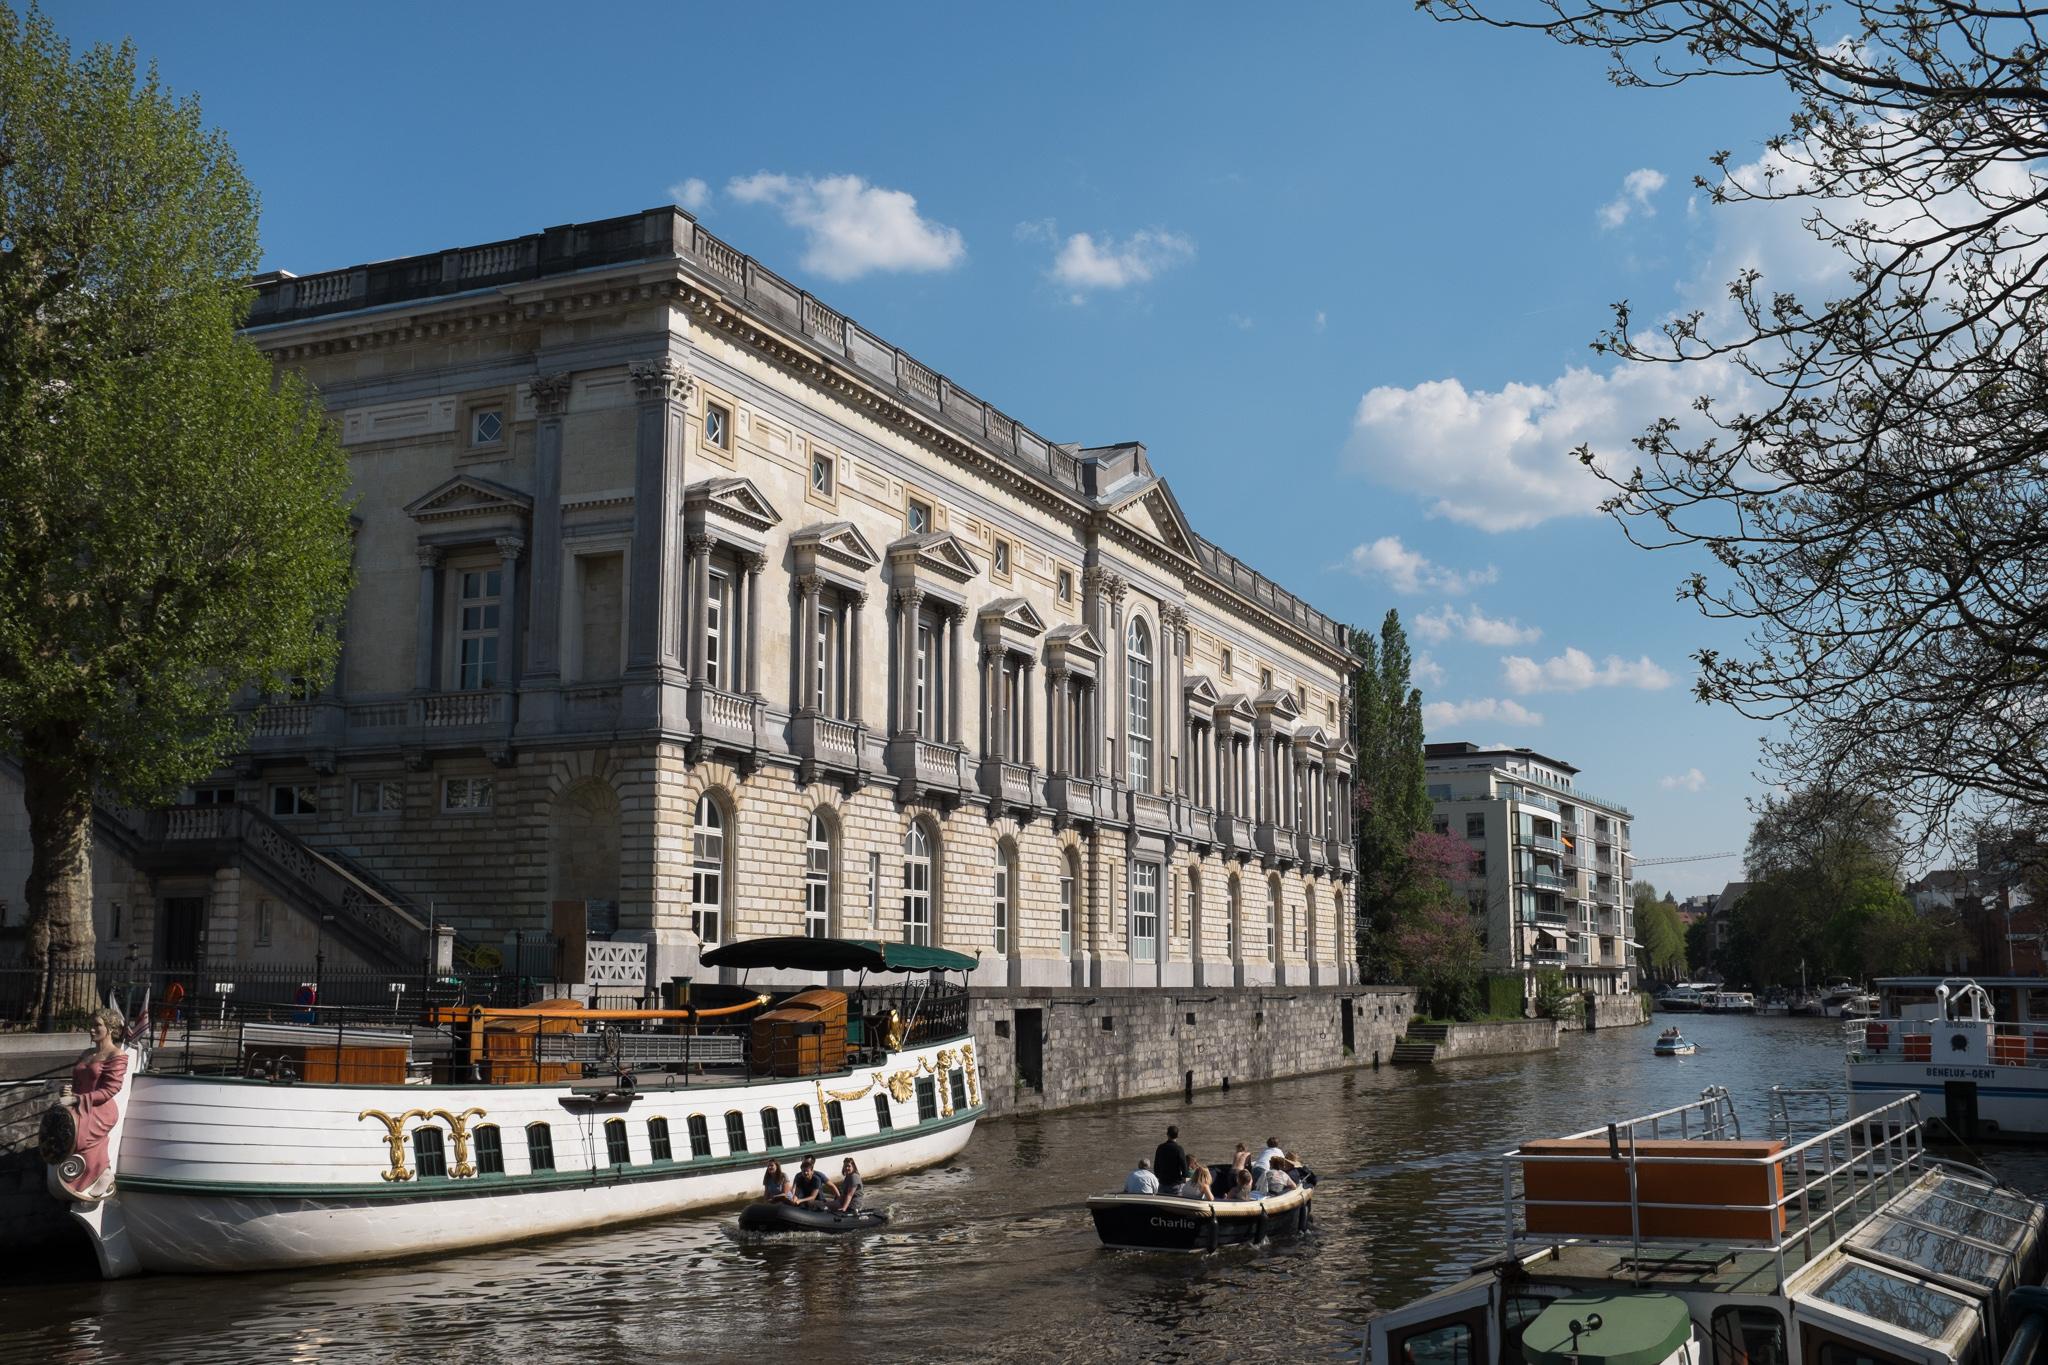 3790-architecture-in-belgium.jpg